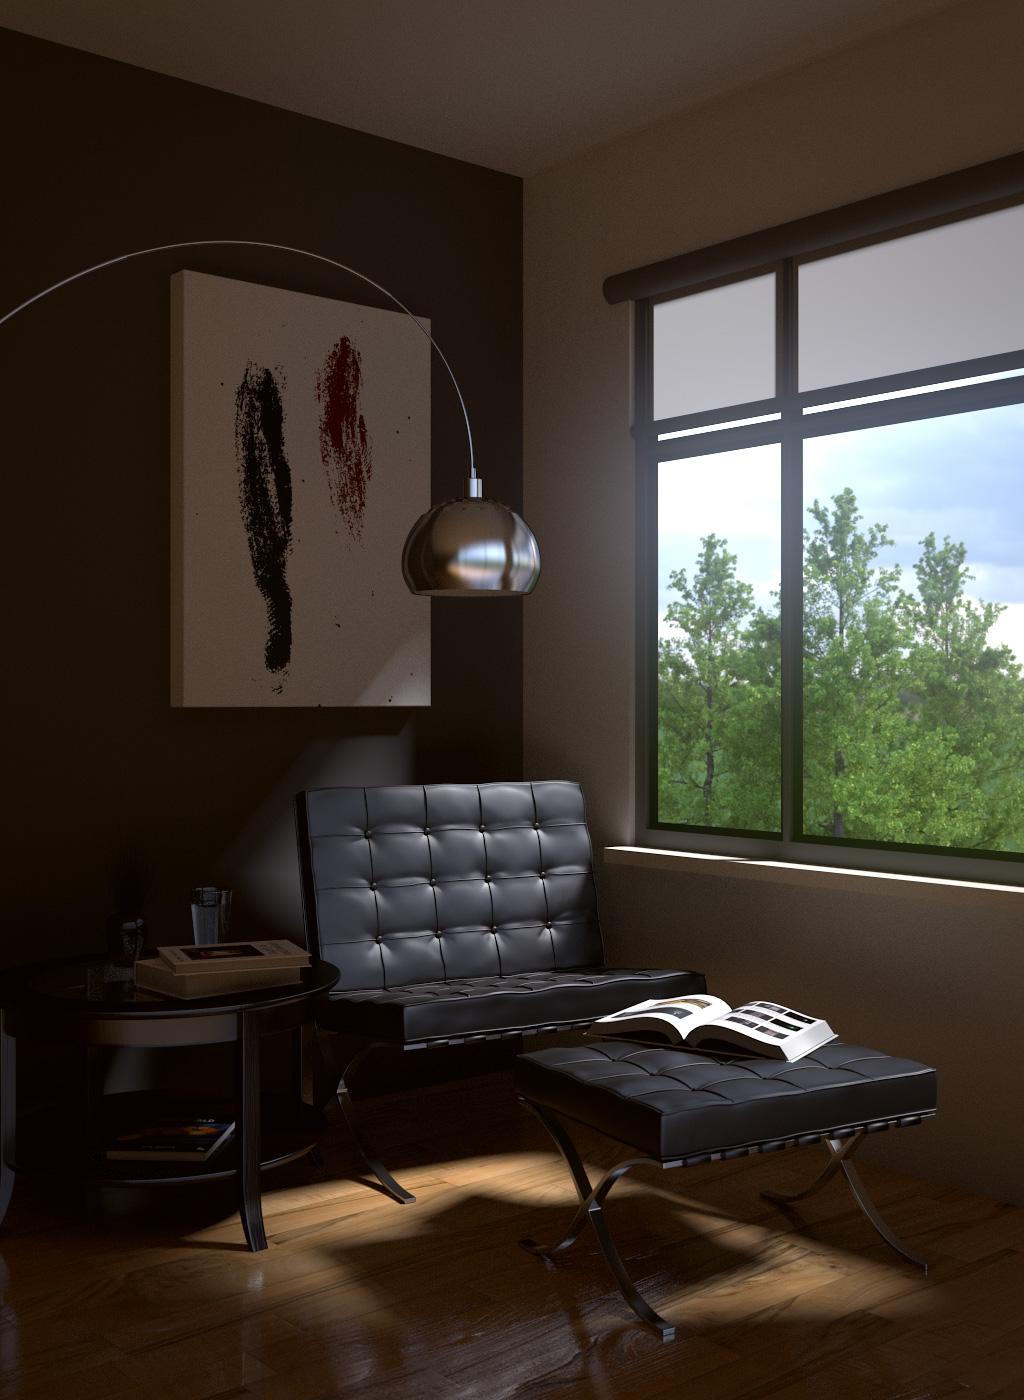 Моделируем комнату с мебелью Полупьедестал Roca Hall 337621000